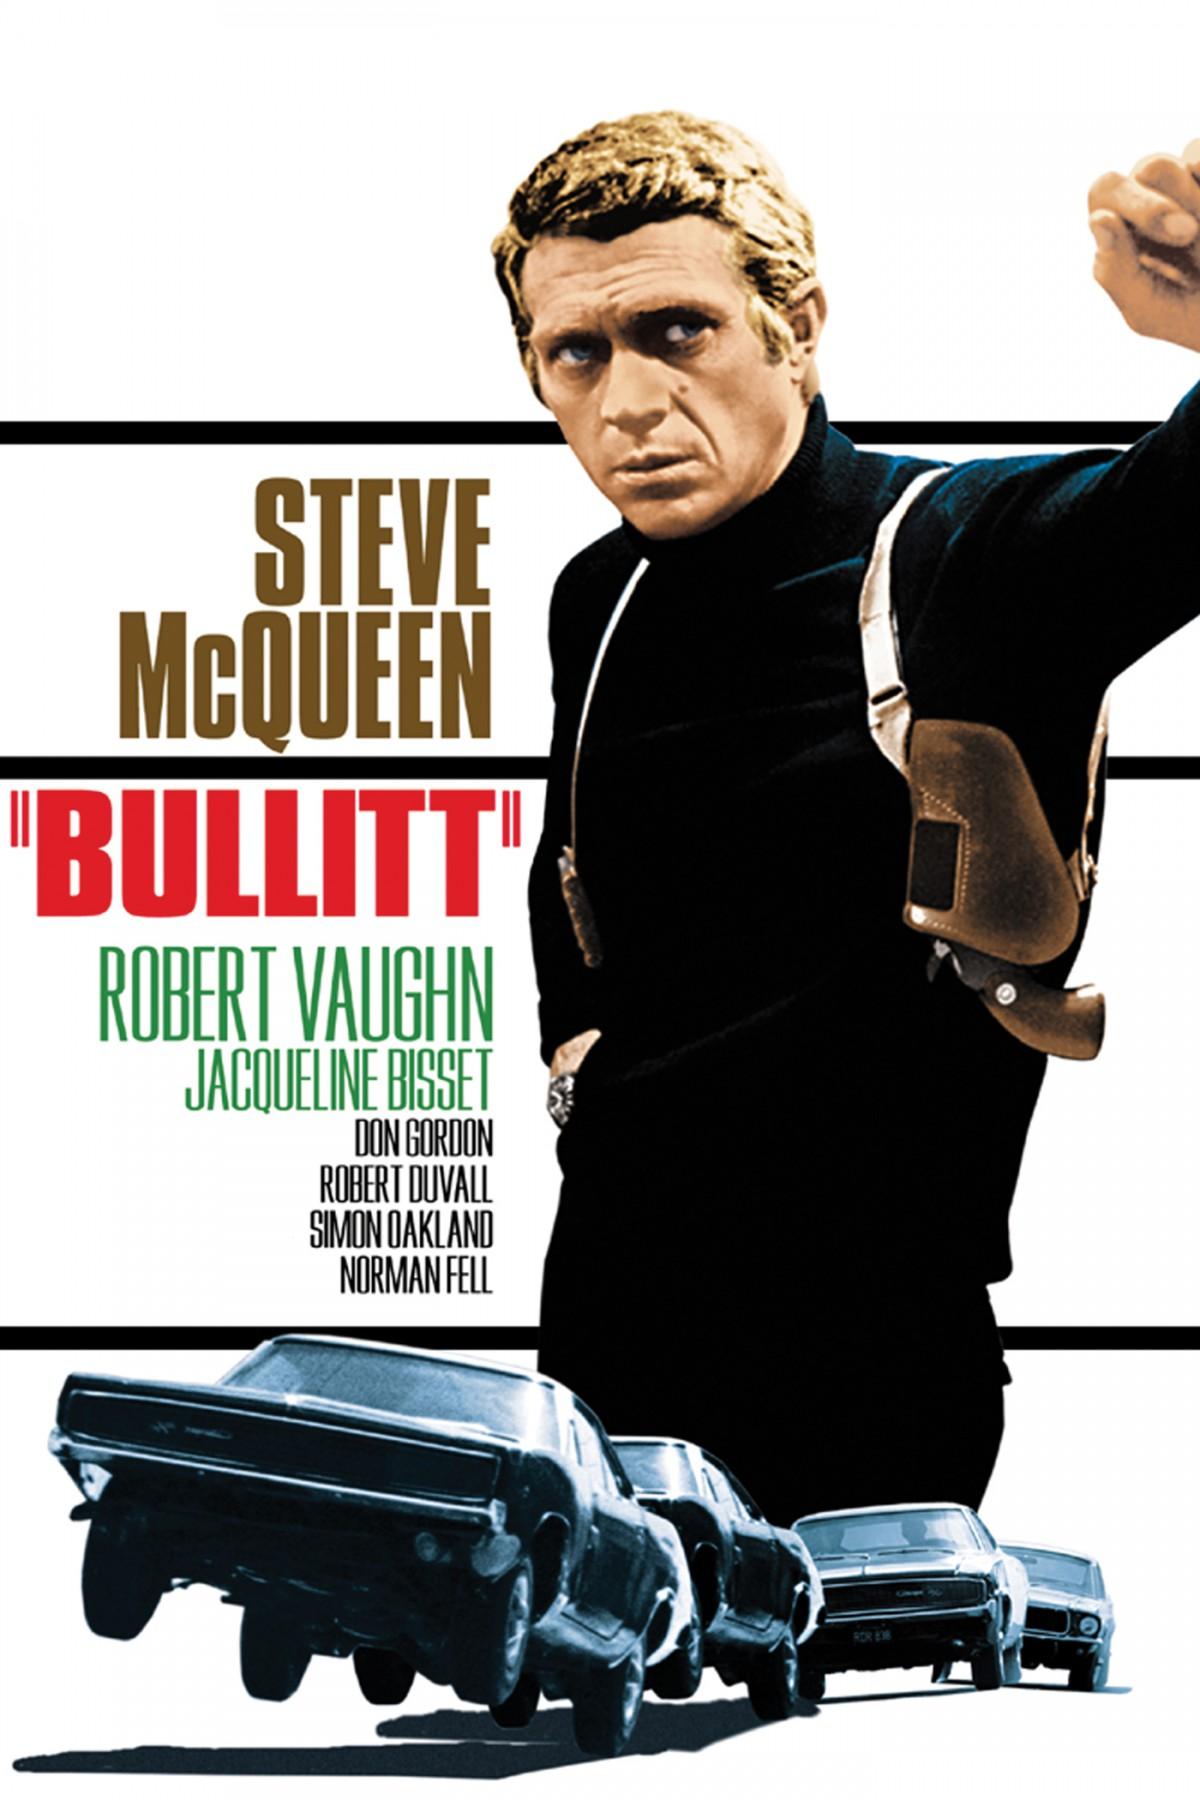 54. Bullitt (1968)